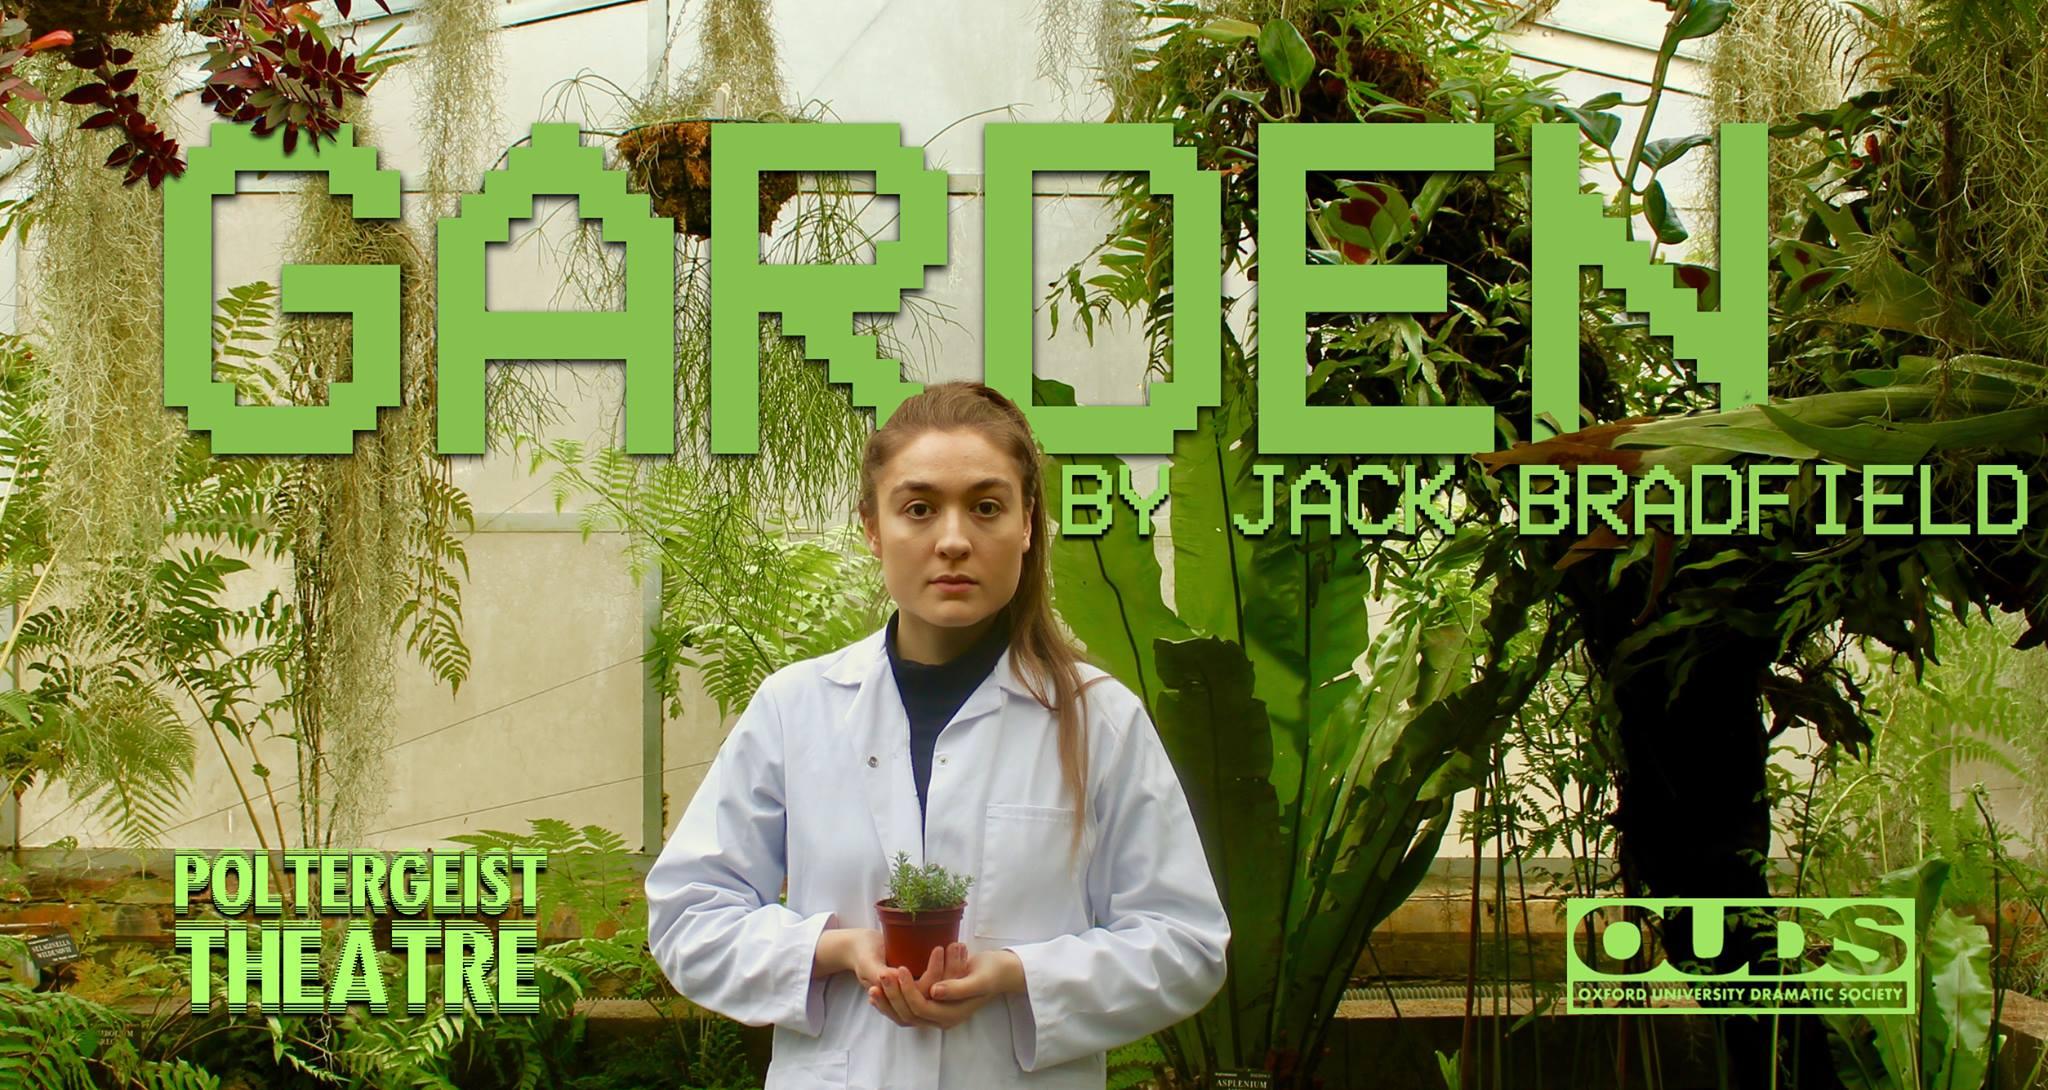 'Garden': A Cerebral Piece With A Very Human Heart